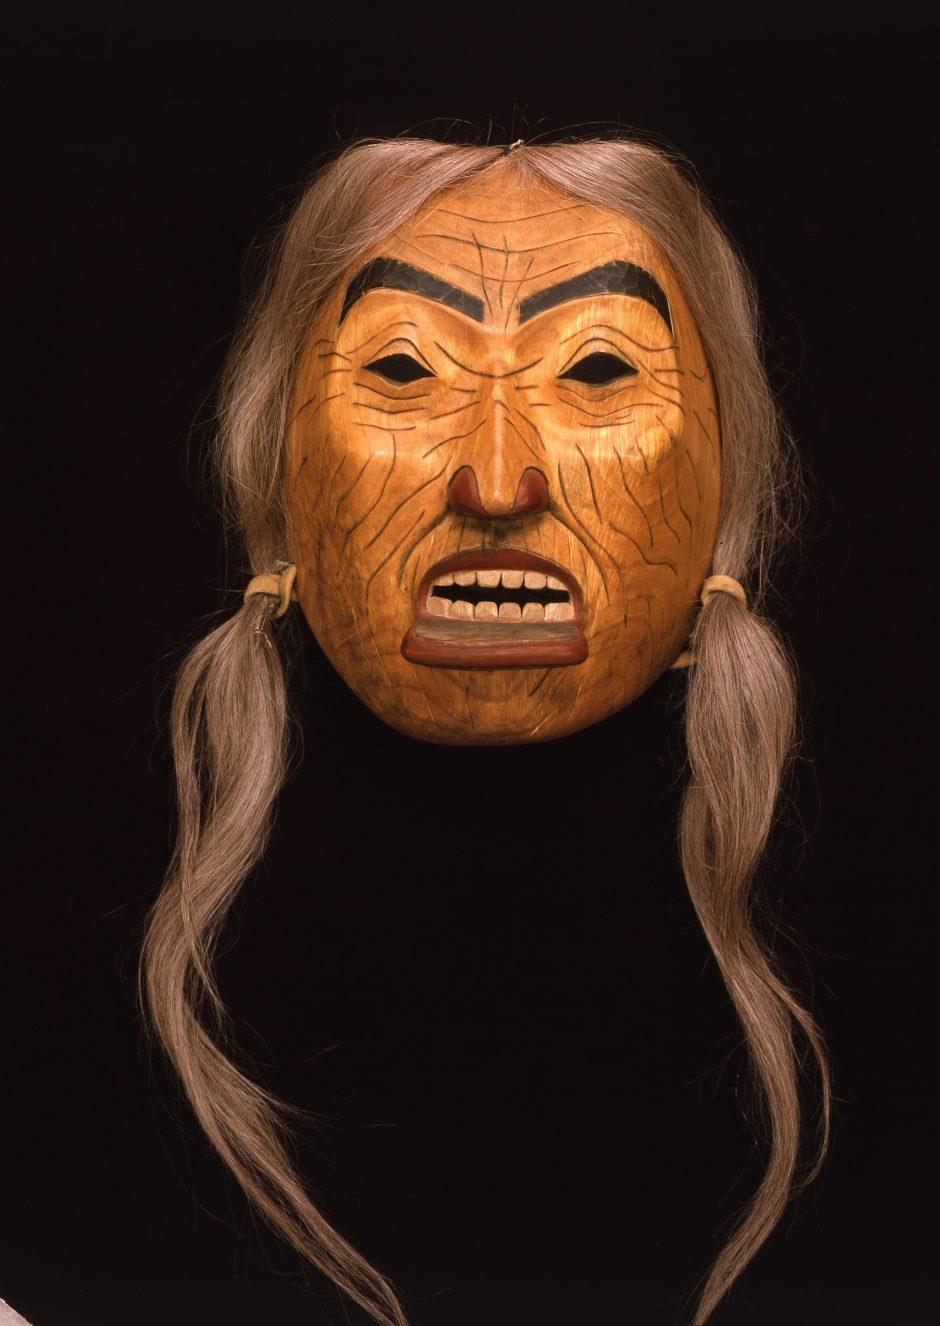 Maske einer alten Frau mit Lippenschmuck und Haaren, Kanada